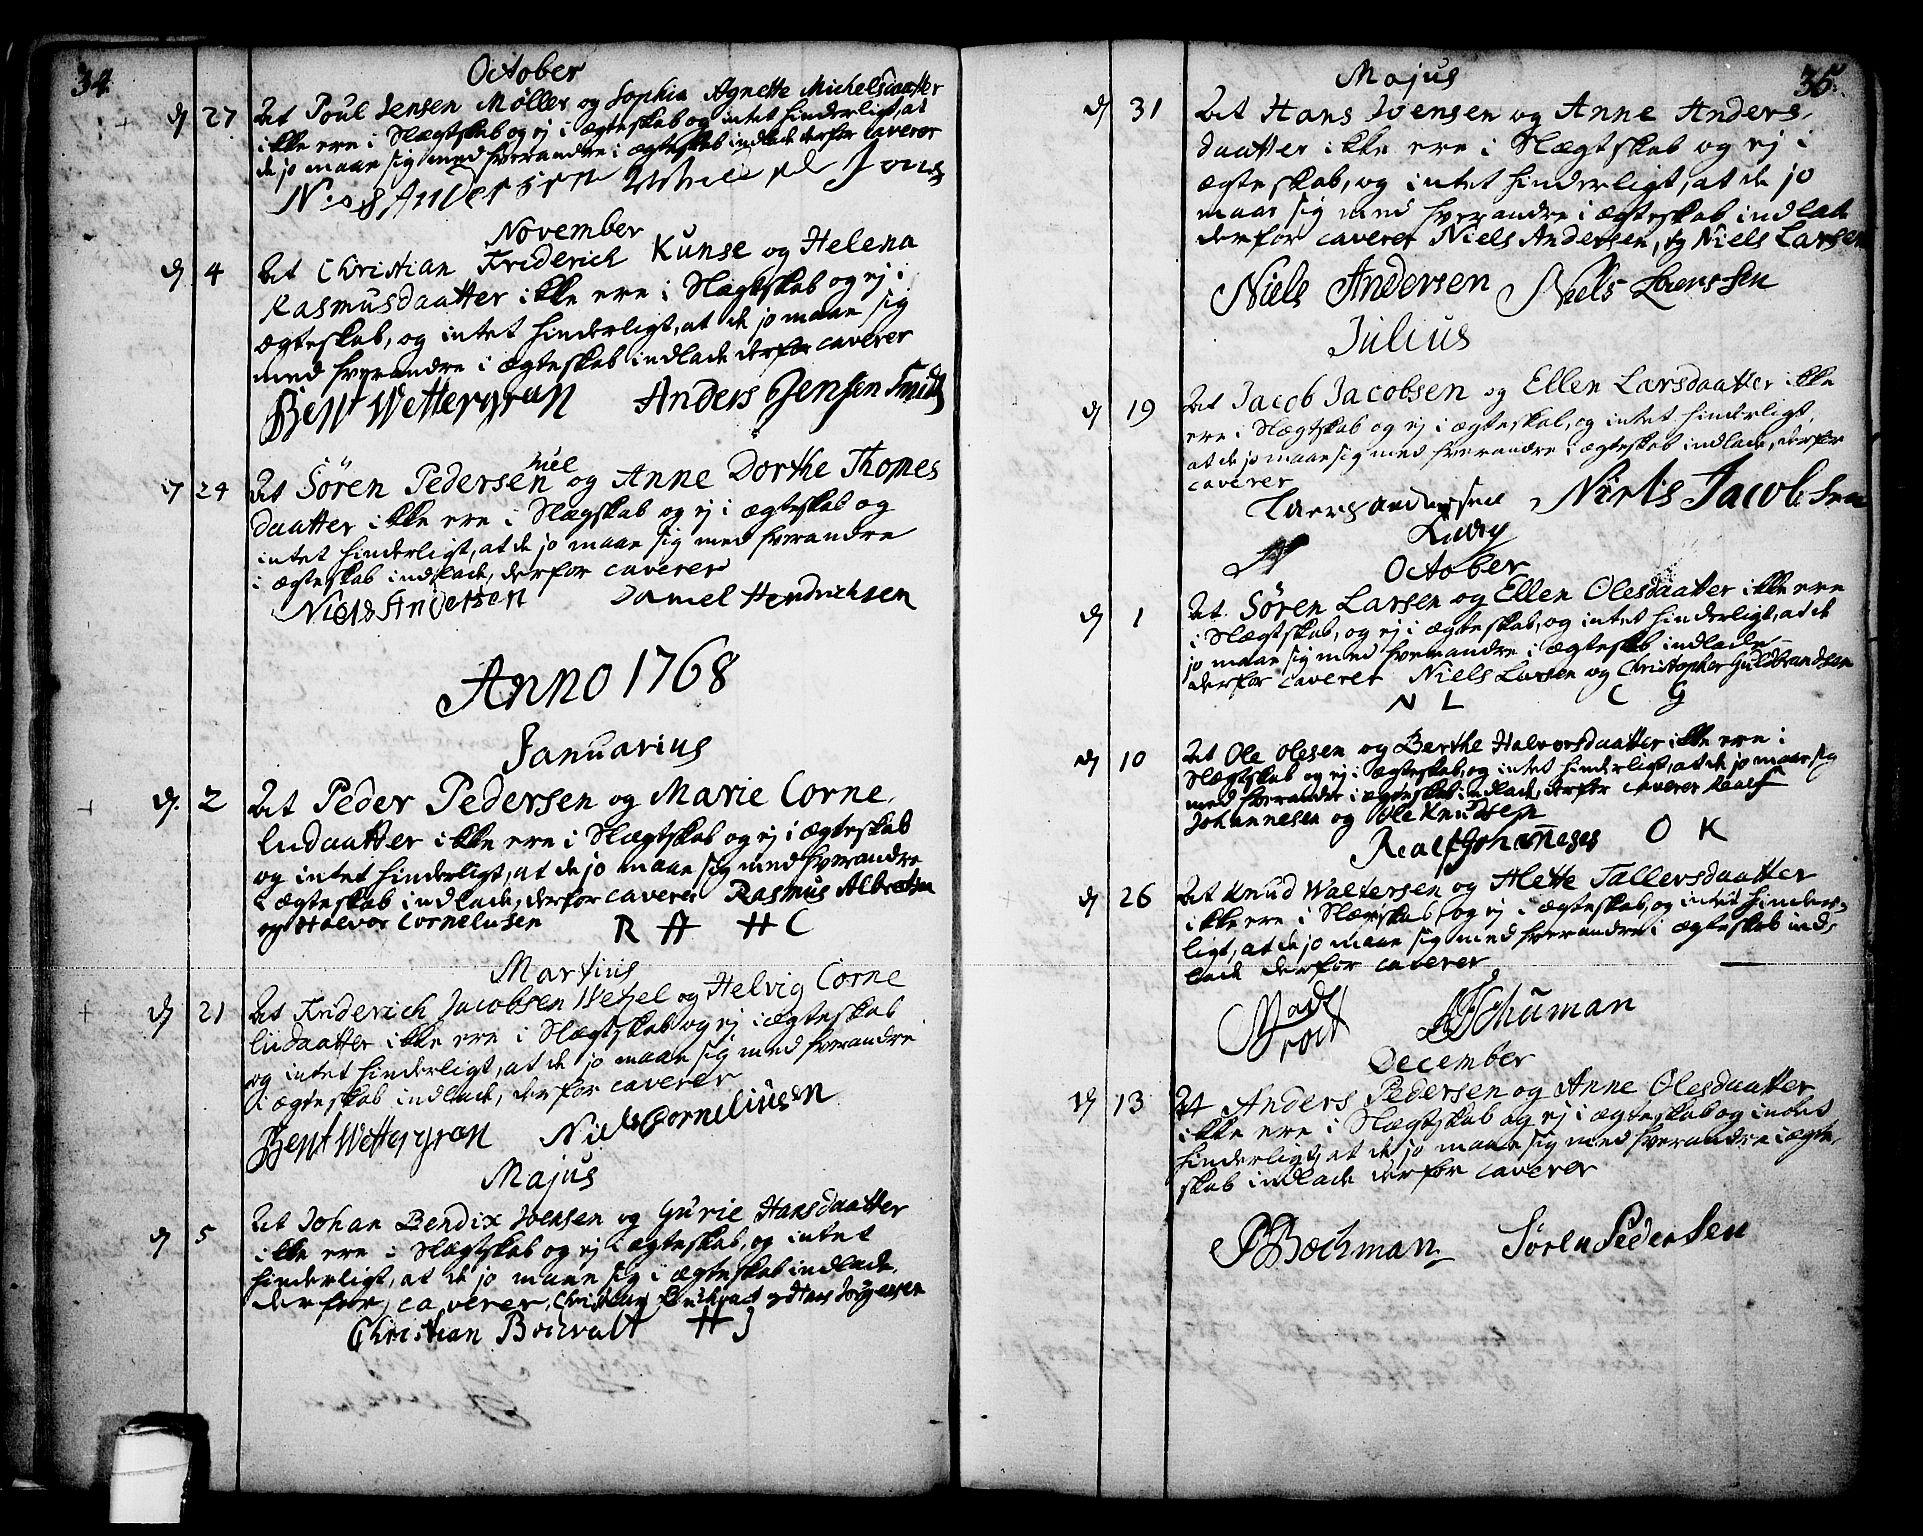 SAKO, Skien kirkebøker, F/Fa/L0003: Ministerialbok nr. 3, 1755-1791, s. 34-35